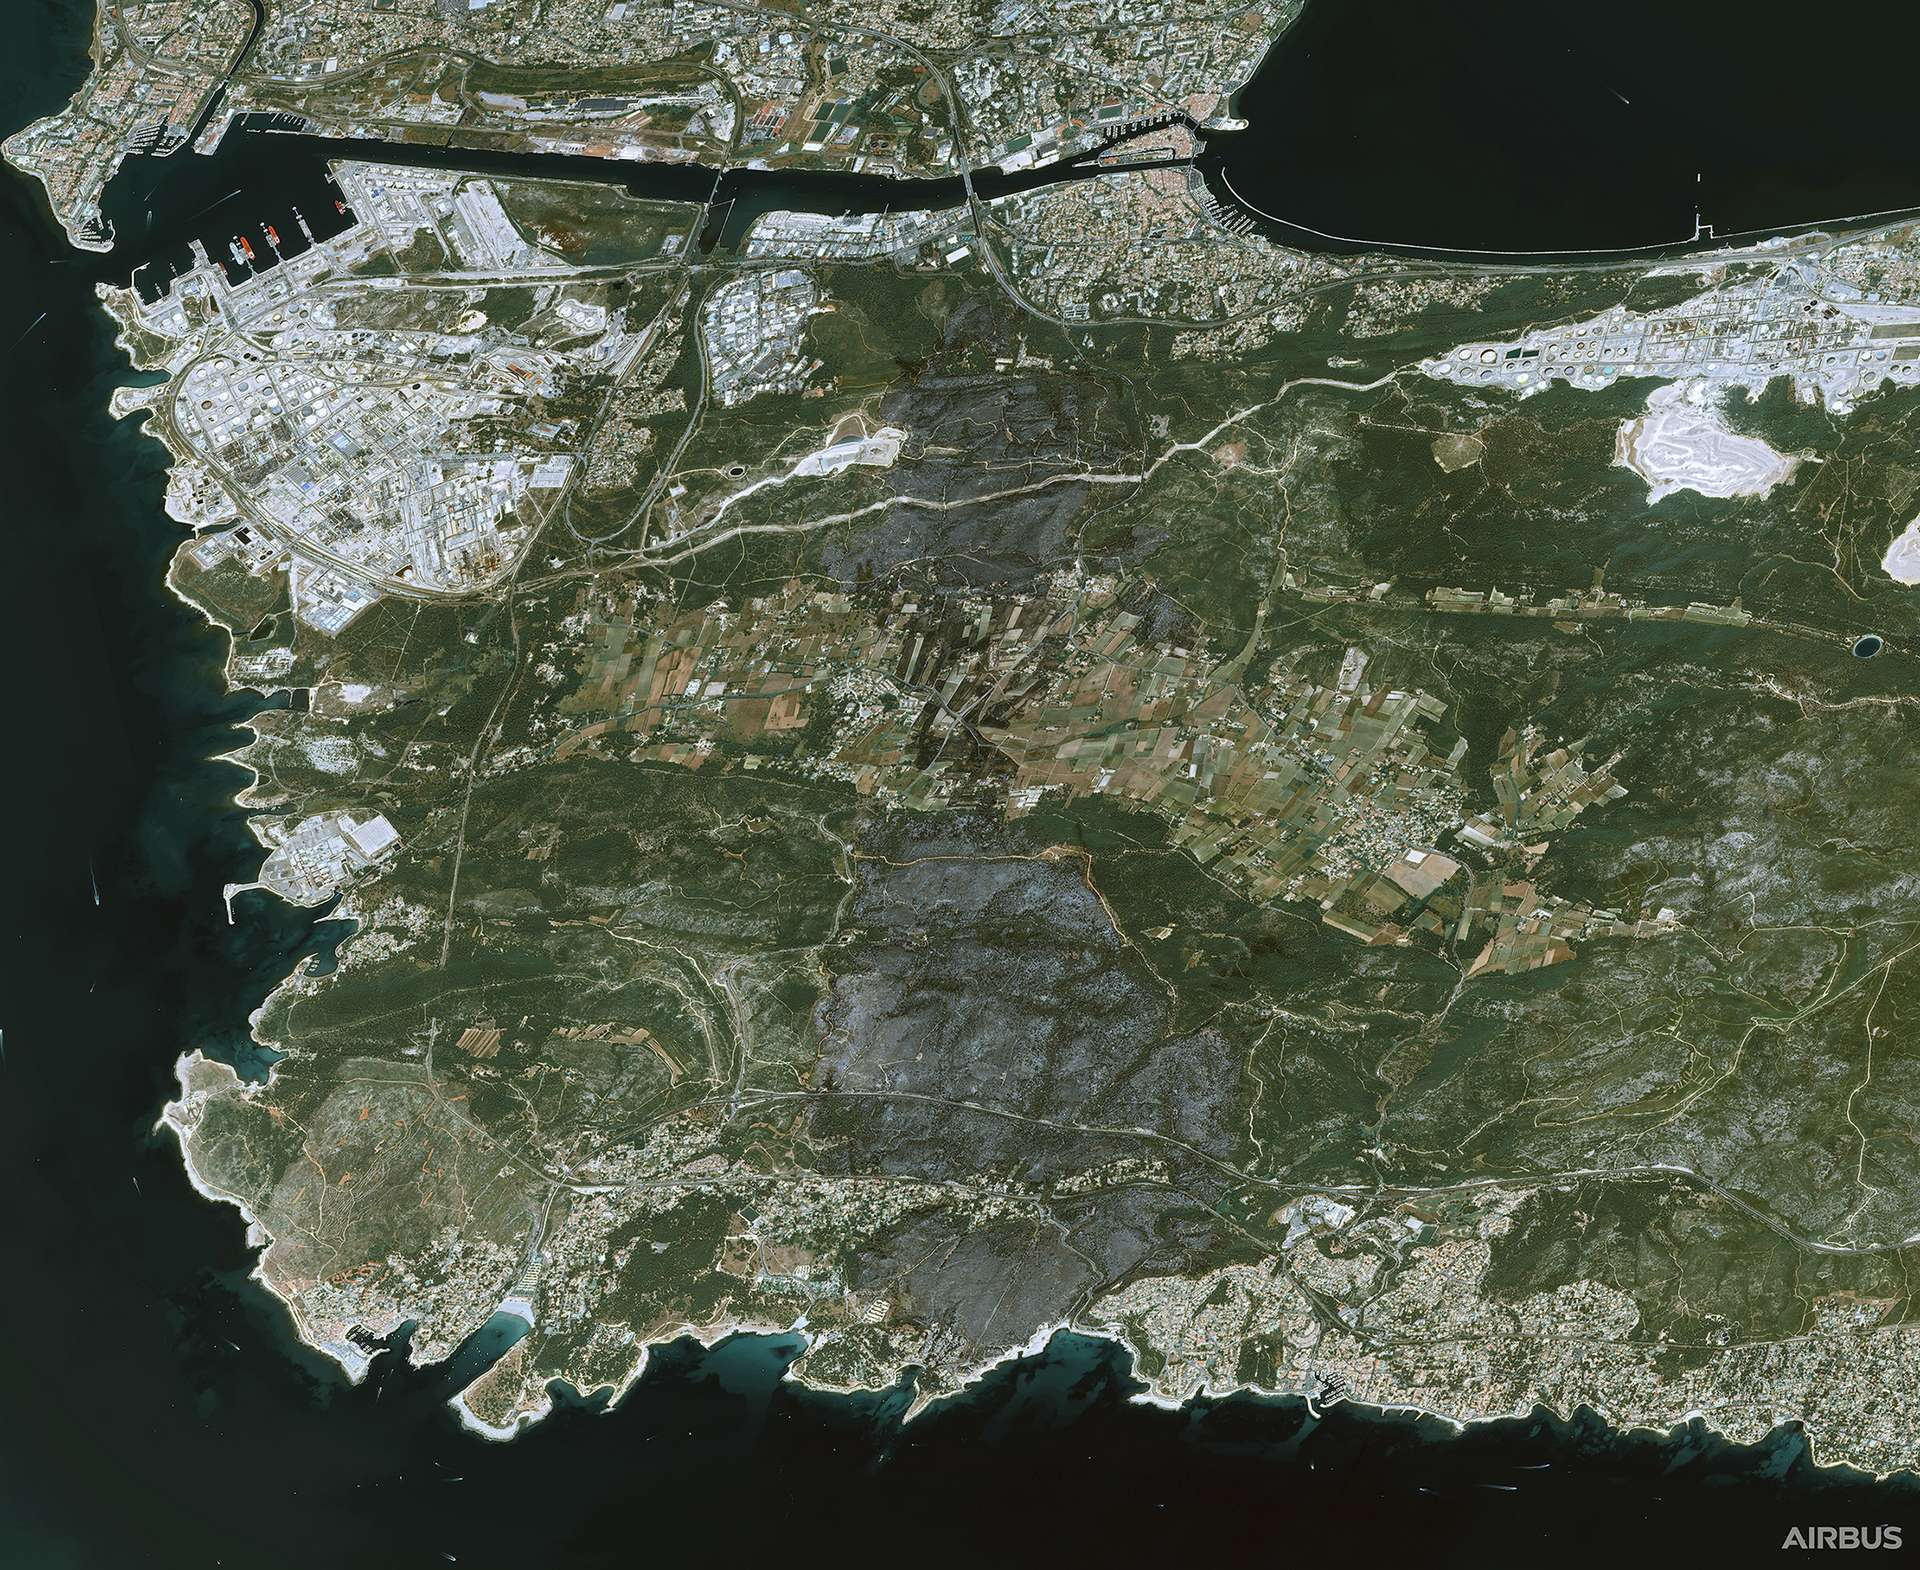 Image satellite de la ville de Martigues (en haut) et des plages du Verdon, de Sainte-Croix et Crique notamment (au bas de l'image). Cette image provient d'un des satellites très haute résolution Pléiades fabriqués et opérés par Airbus pour le compte du Cnes. © Cnes 2020, Distribution Airbus DS